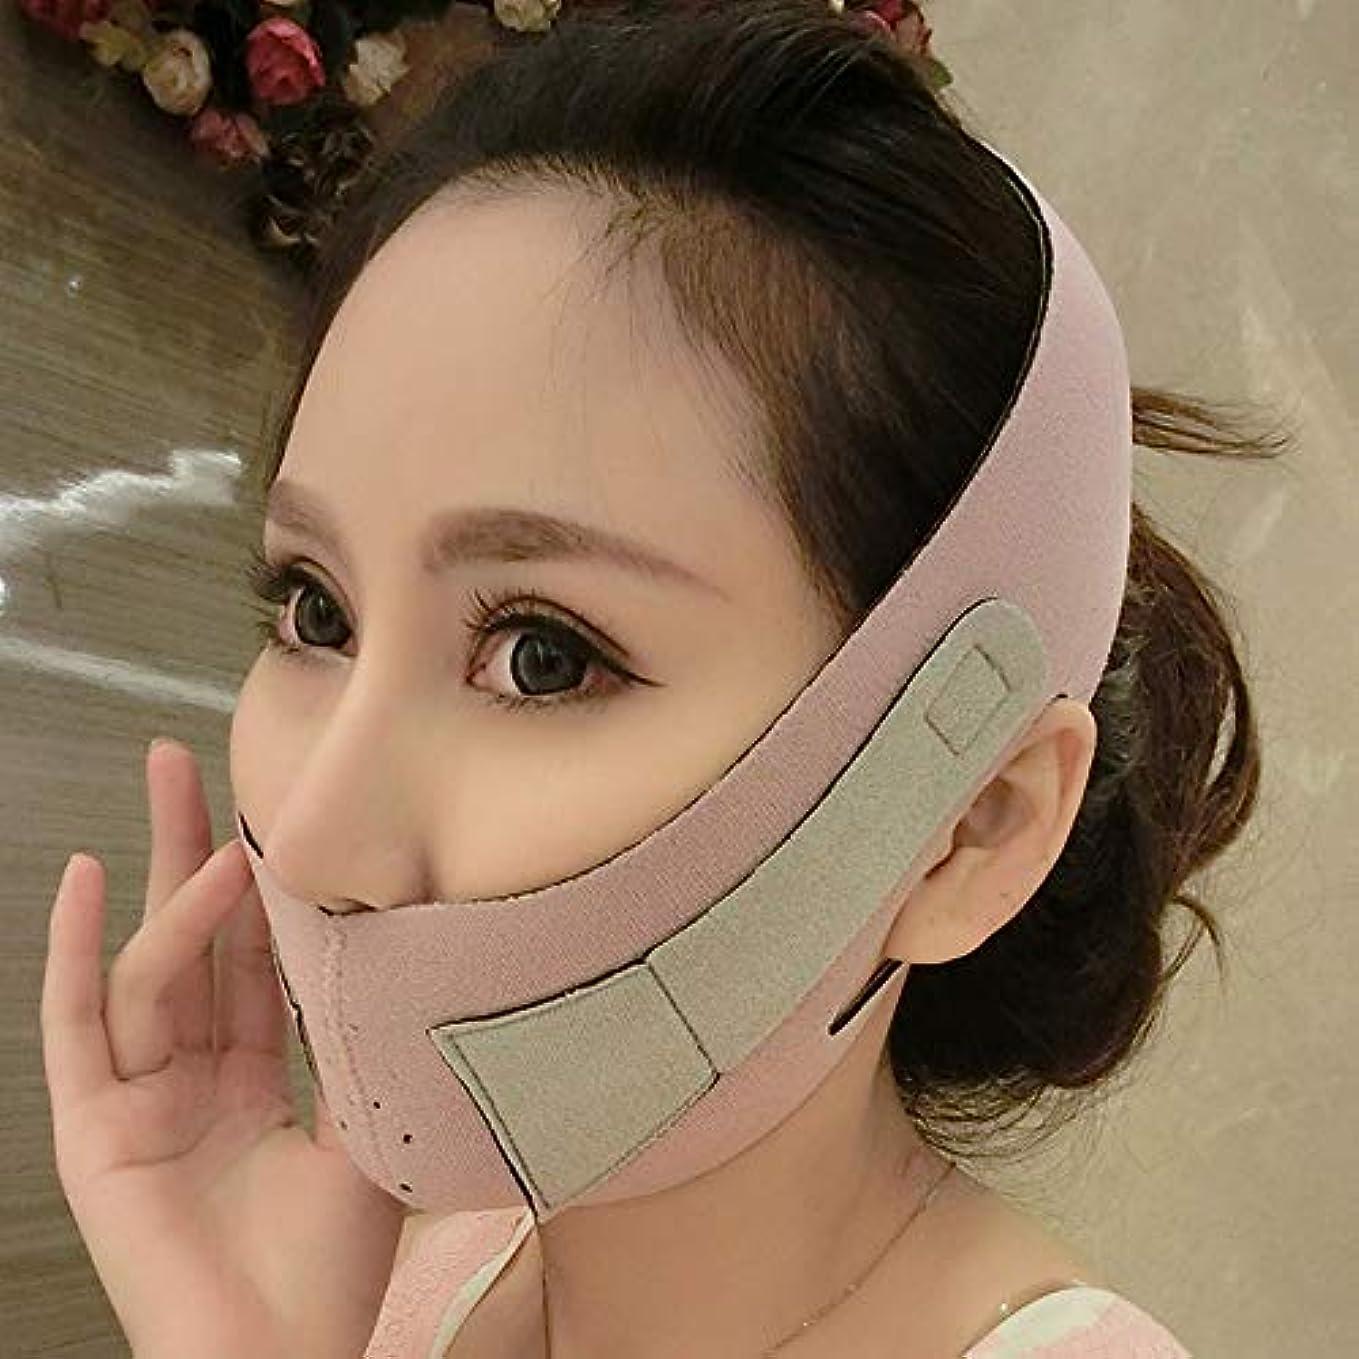 クラック無意識モロニックシンフェイス包帯シンフェイスマスクフェイスリフトアーティファクトレイズVフェイスシンフェイスフェイスリフティング美容マスク小フェイス包帯 (色 : B)